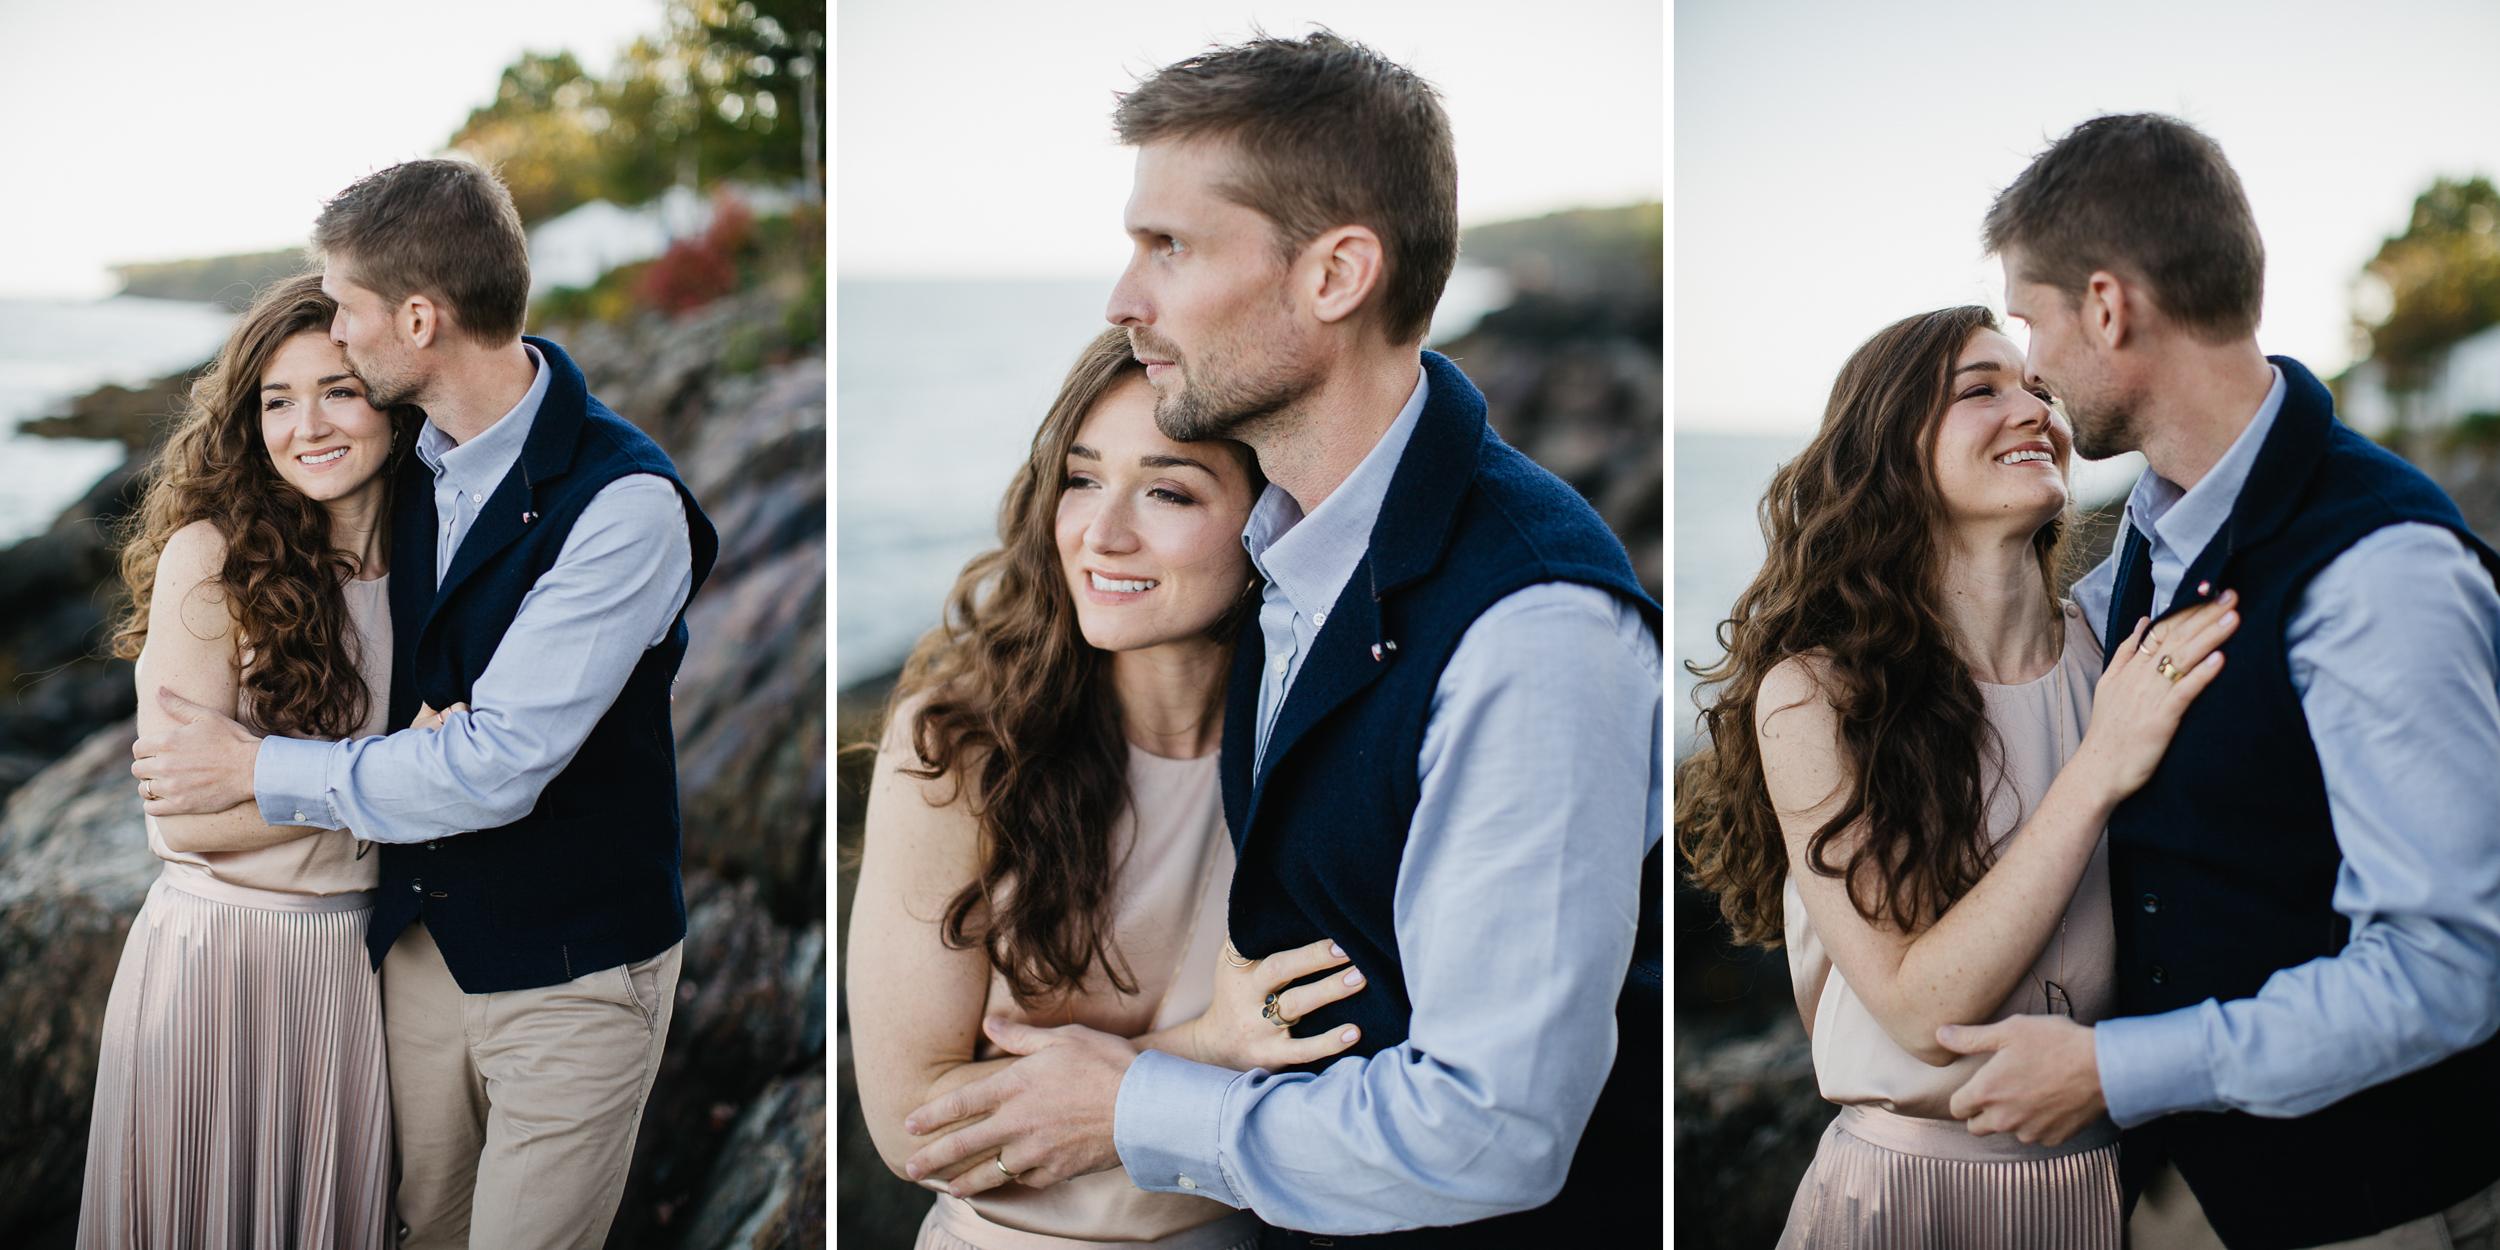 Mackenzie_Collins_Day_Two_Flatbread_Company_rockport_Maine_wedding_005.jpg